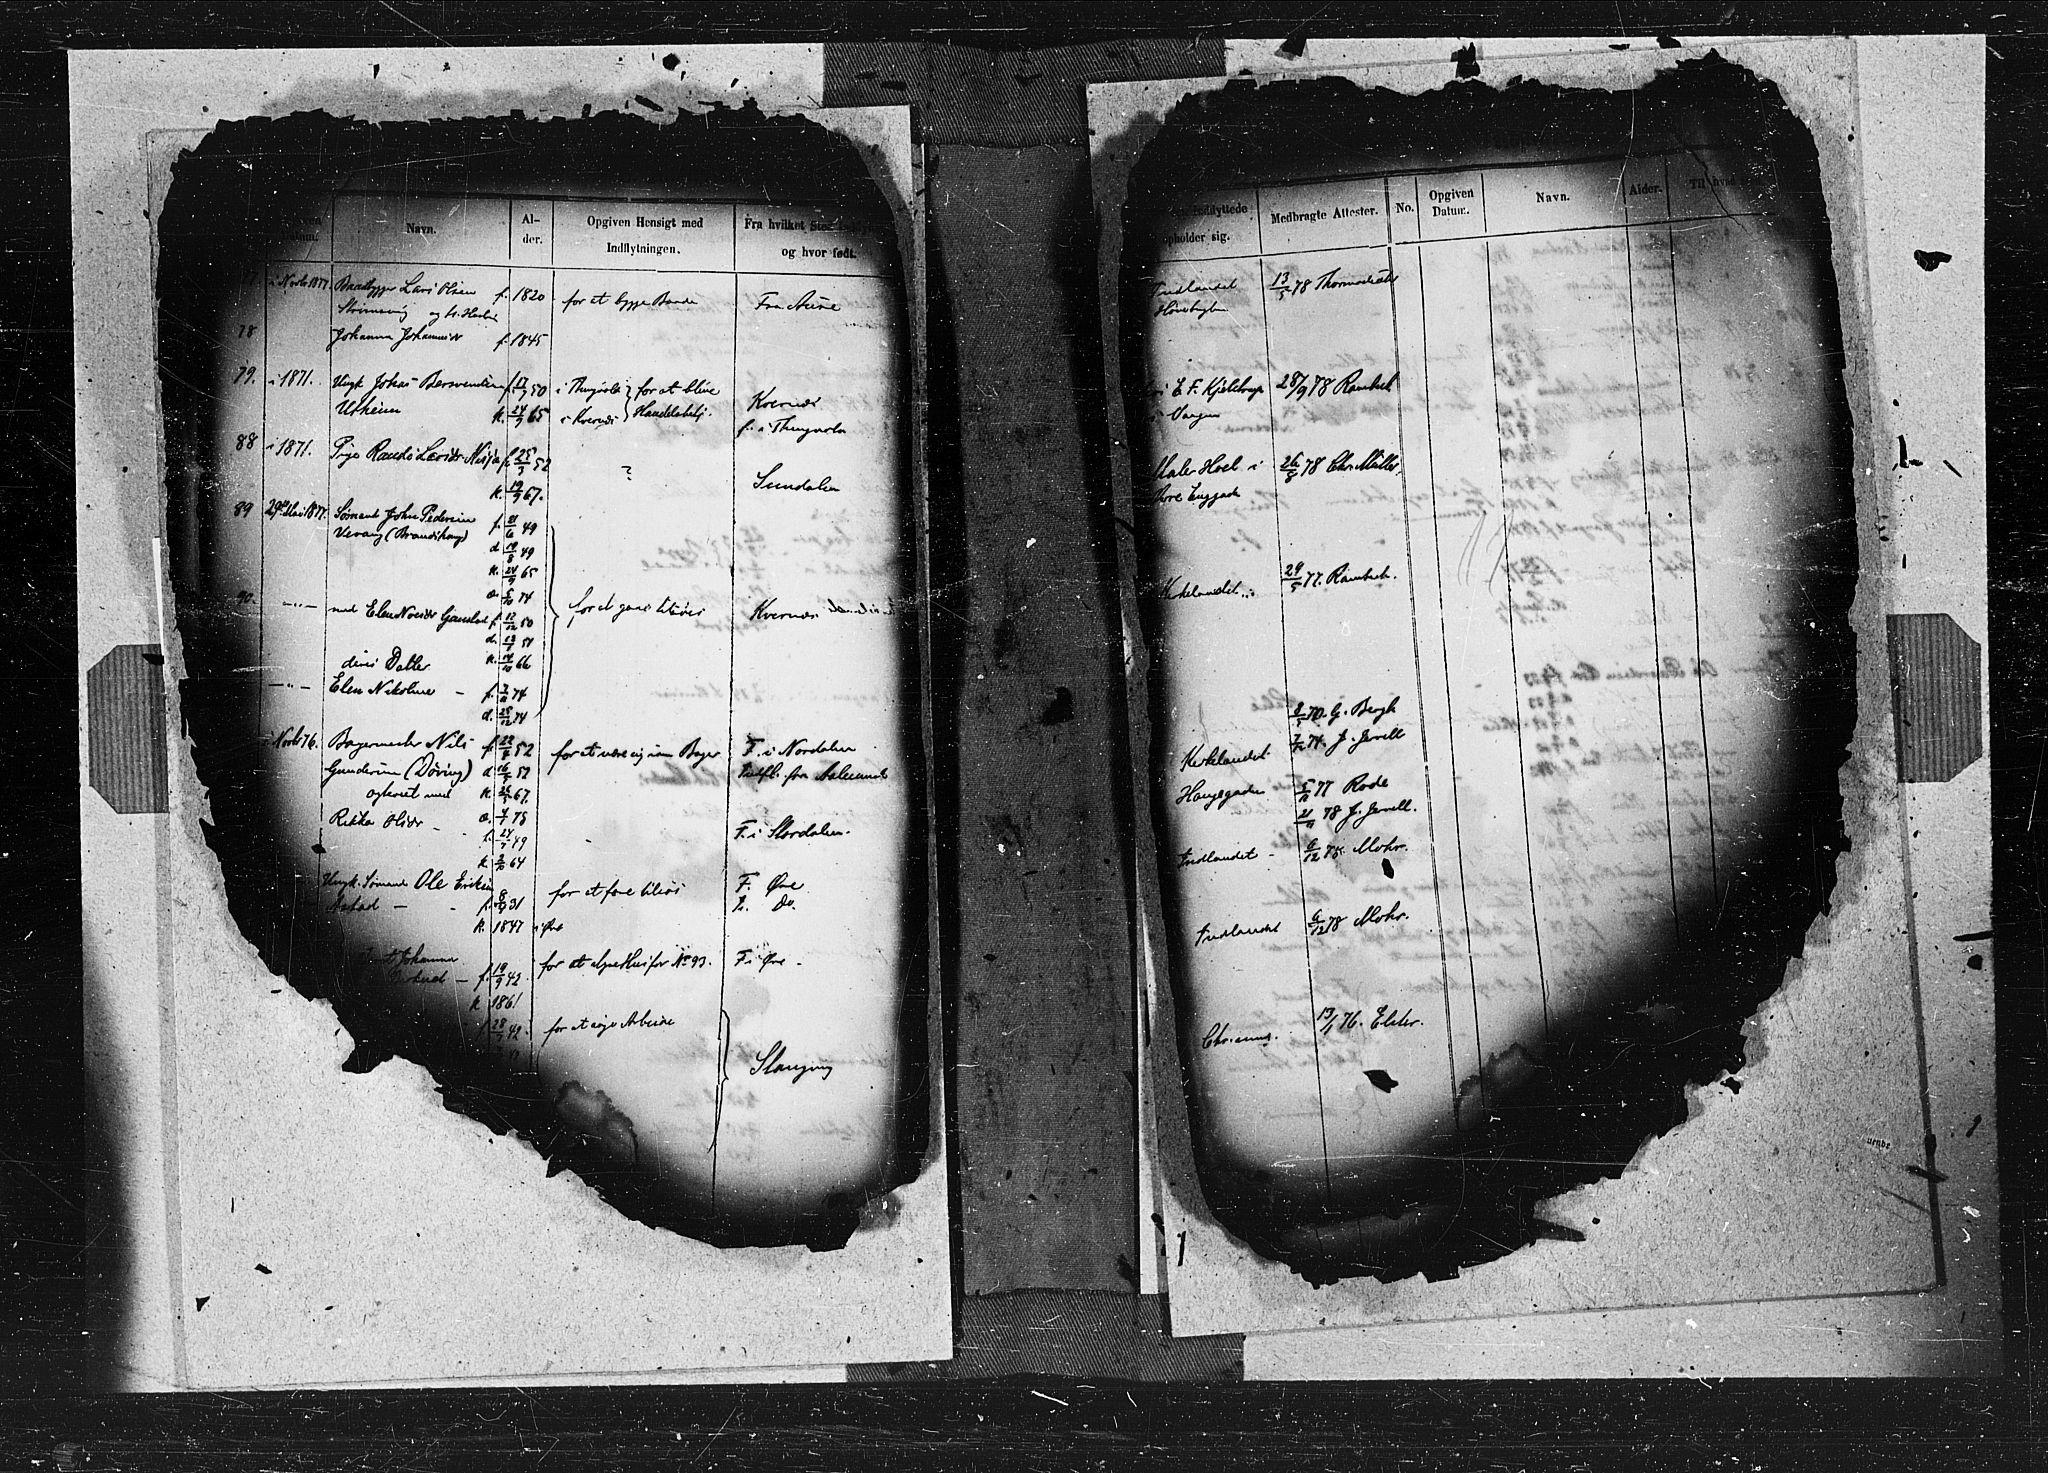 SAT, Ministerialprotokoller, klokkerbøker og fødselsregistre - Møre og Romsdal, 572/L0849: Ministerialbok nr. 572A12, 1877-1879, s. 11